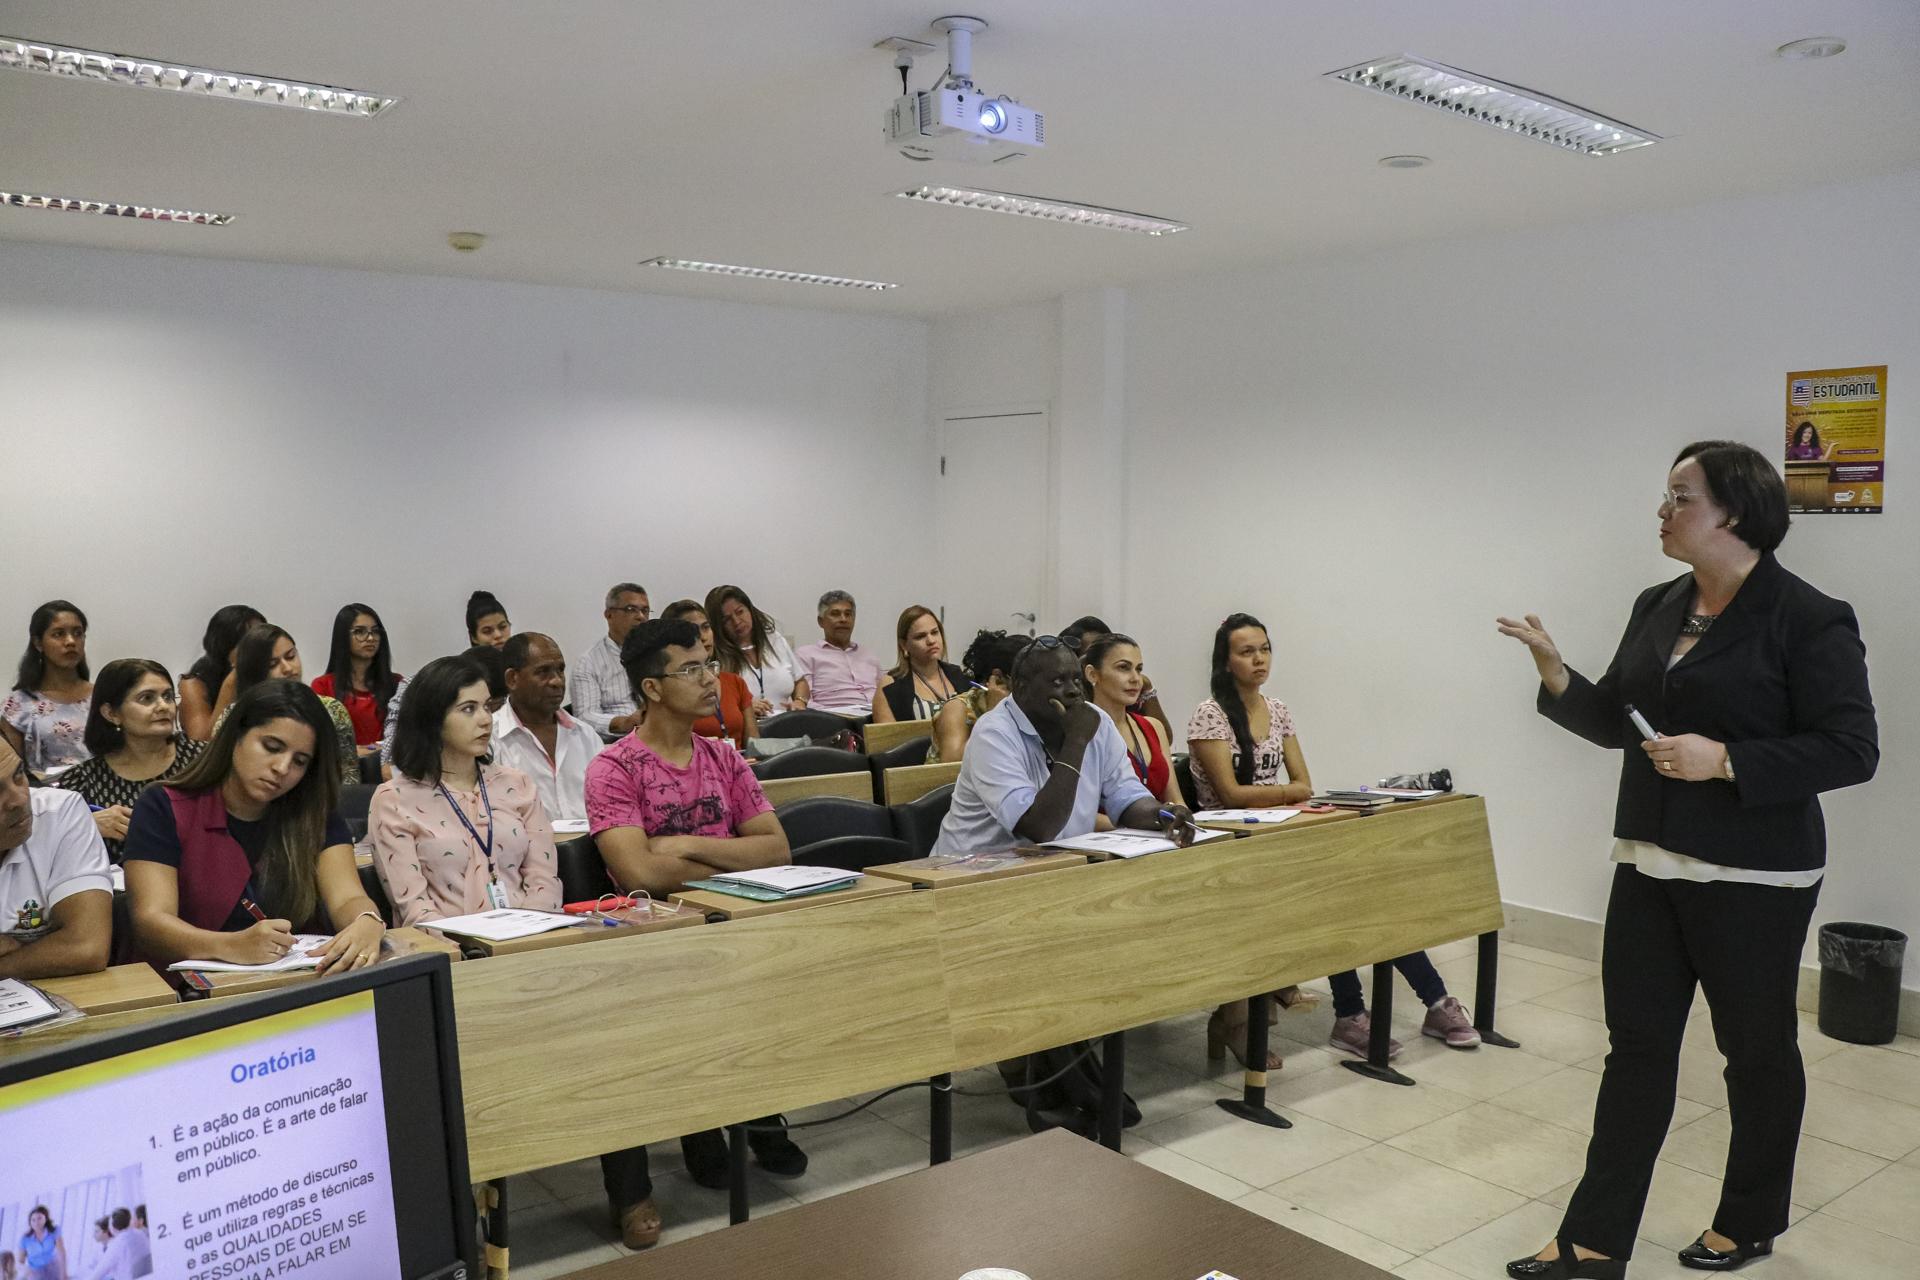 Escola do Legislativo promove curso de Comunicação e Oratória para servidores